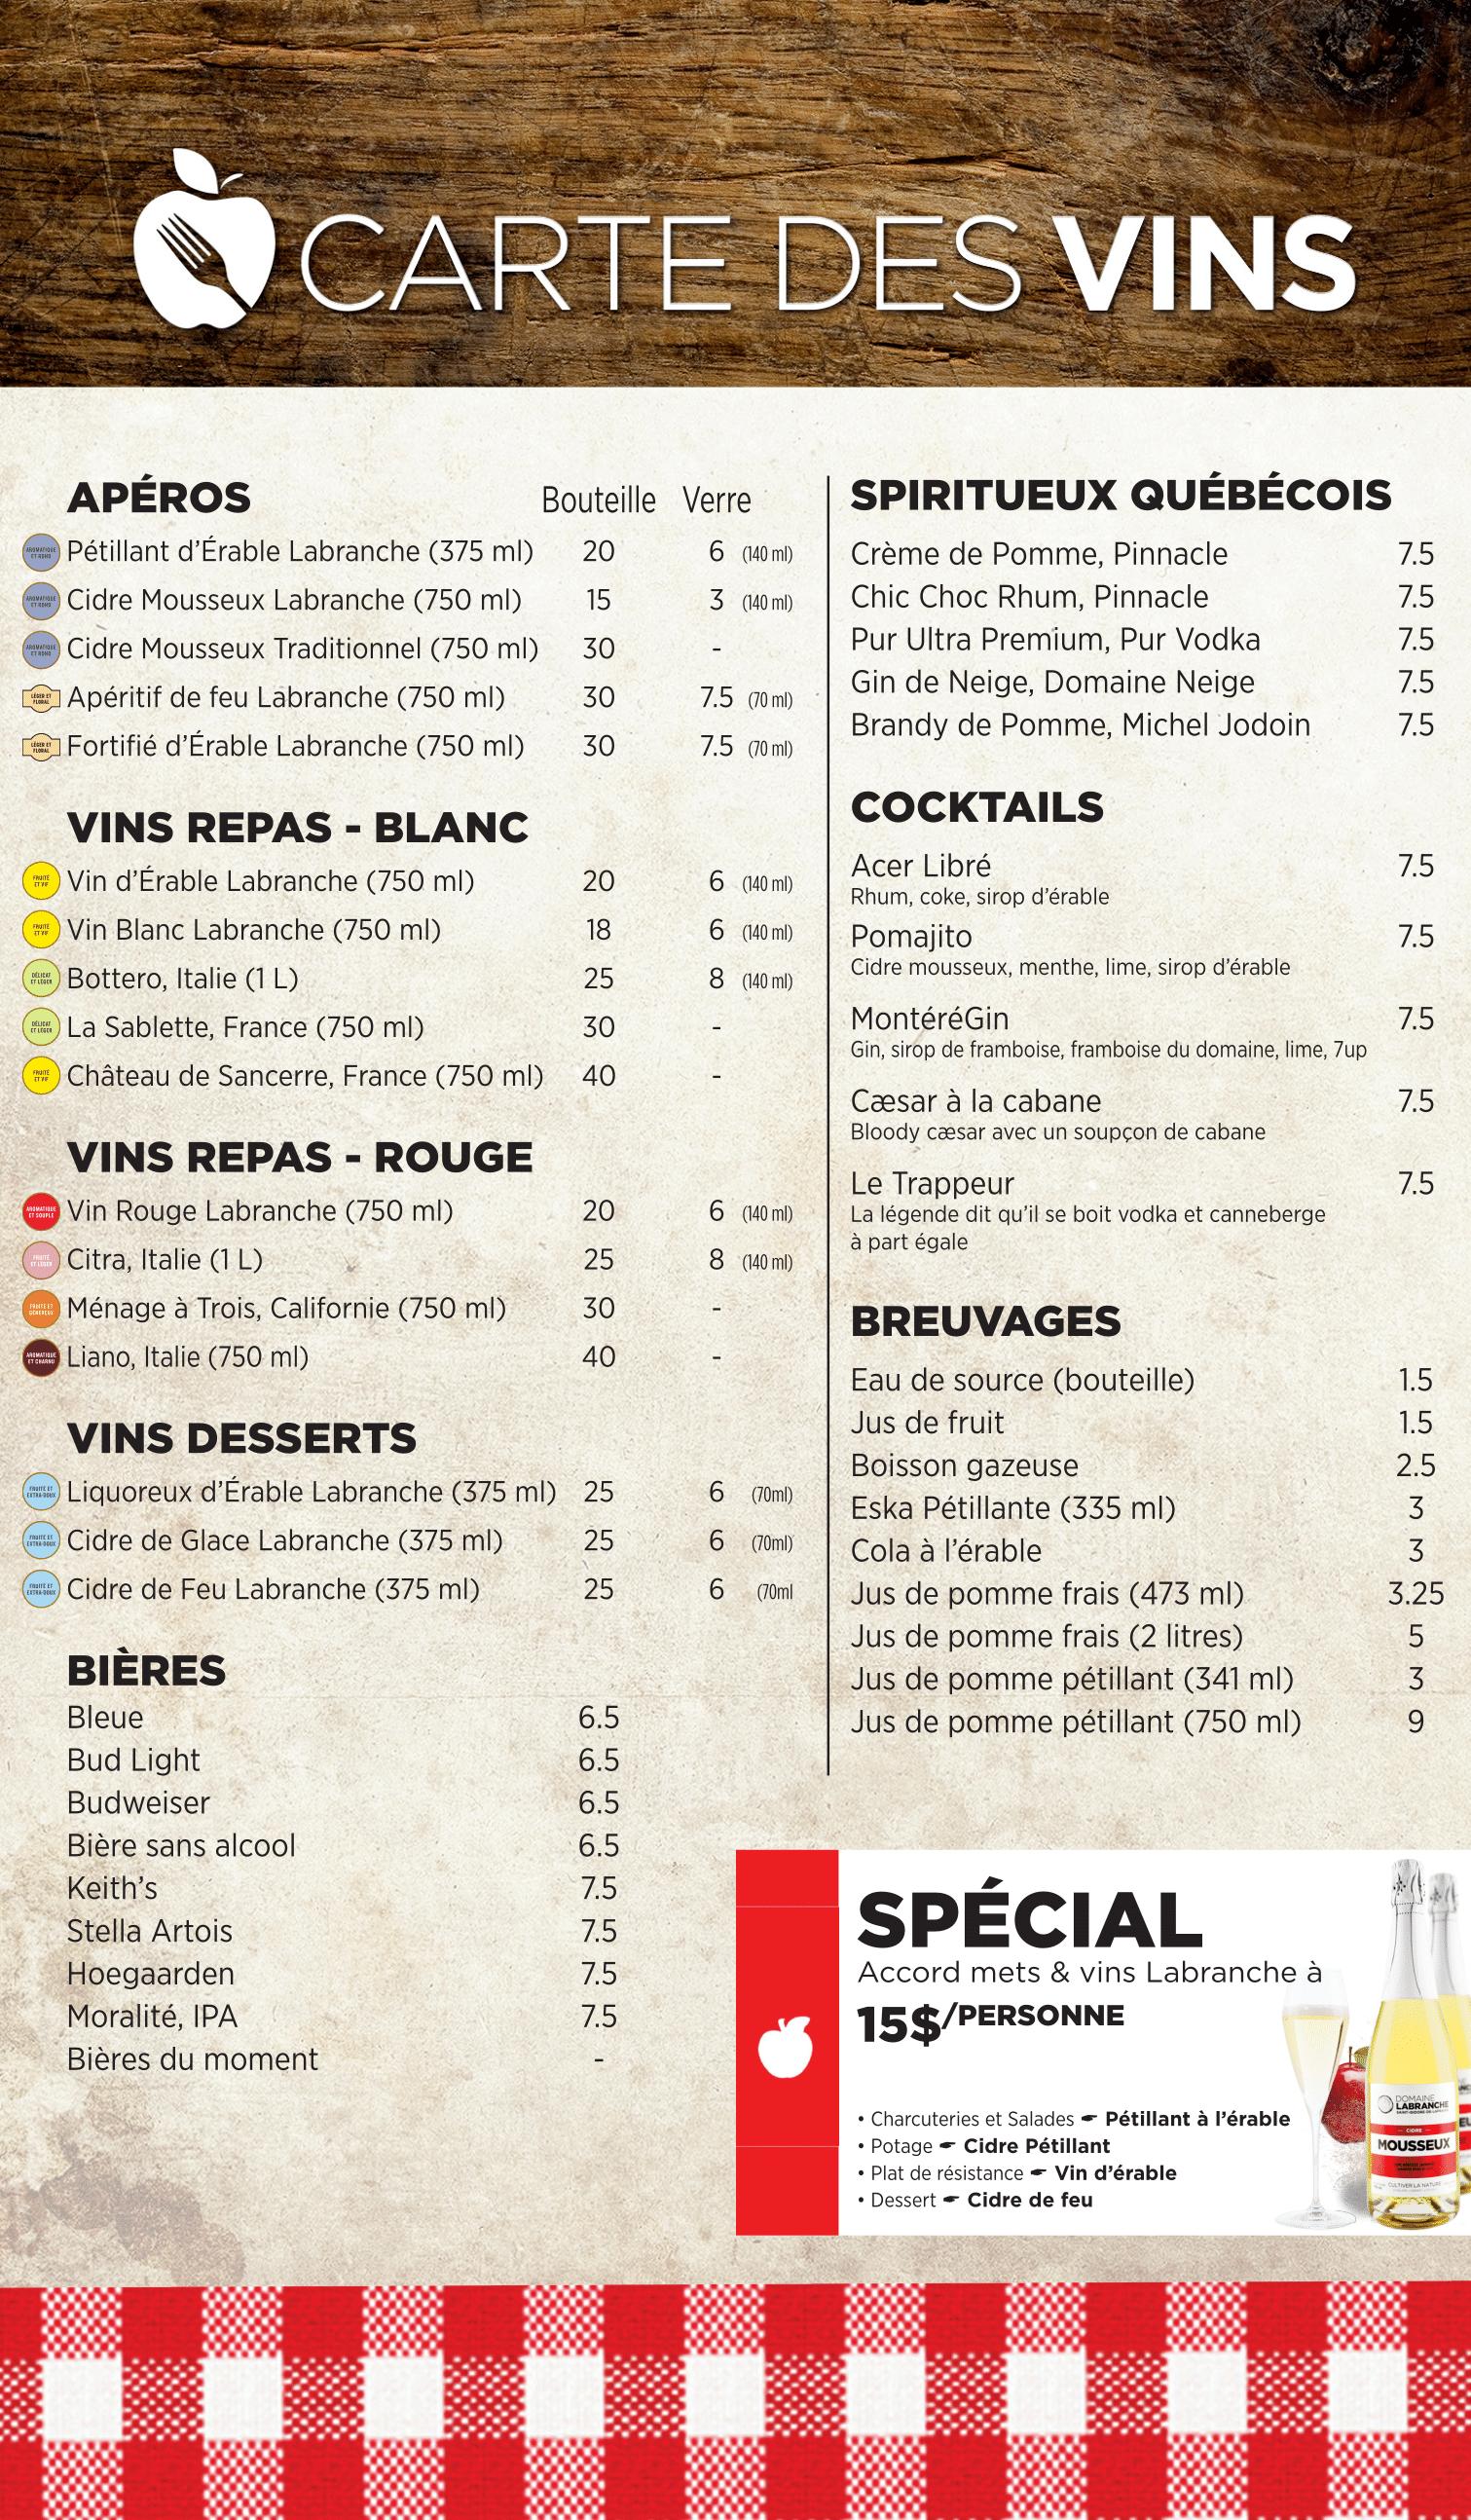 Carte-des-vins-domaine-labranche